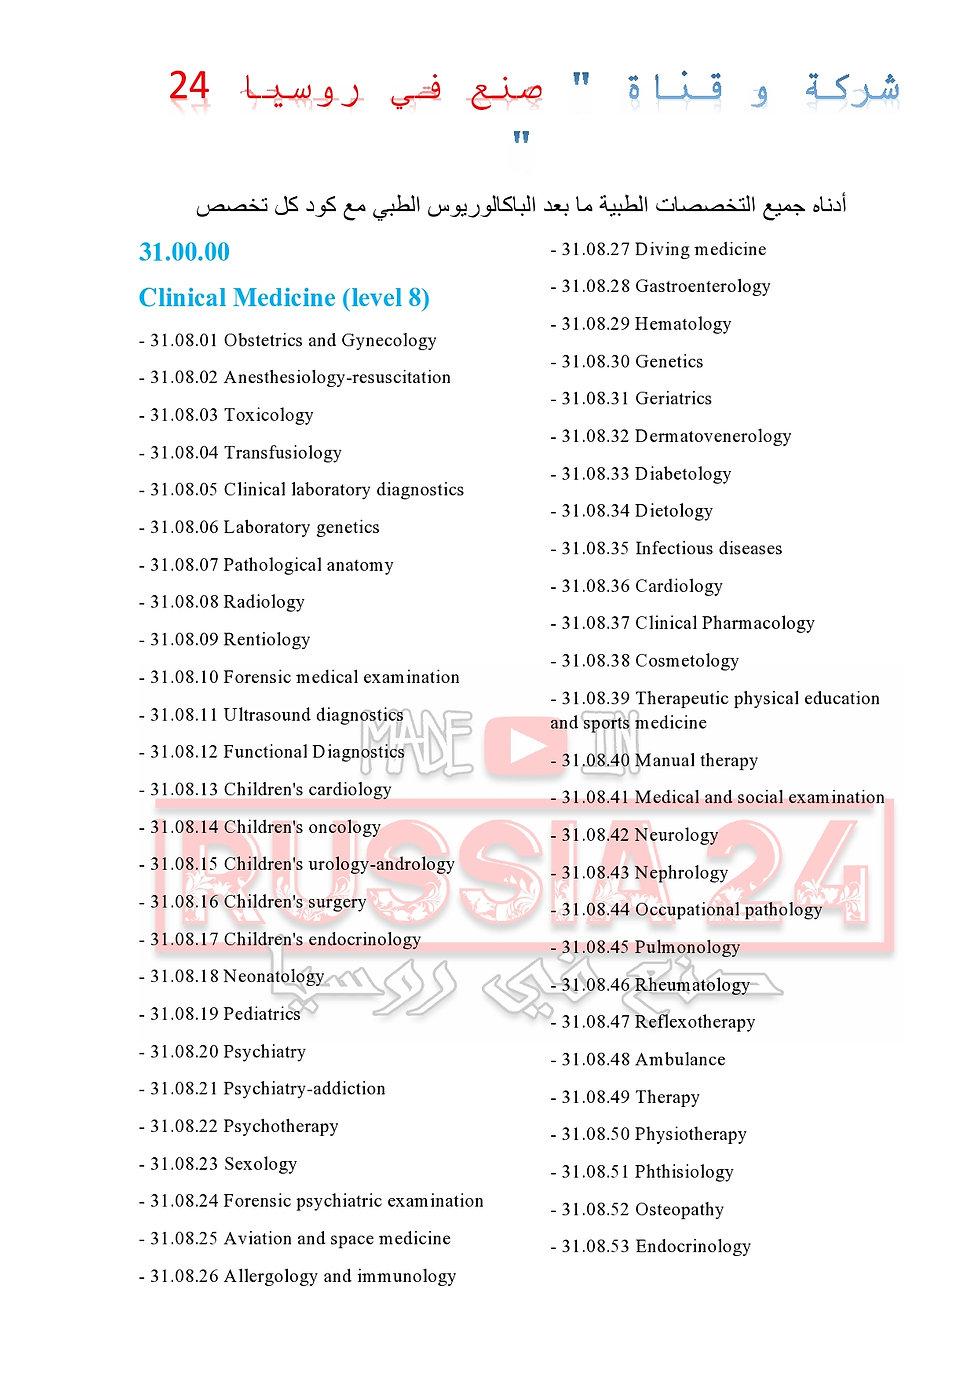 التخصصات الطبية مع الكود-page0001.jpg